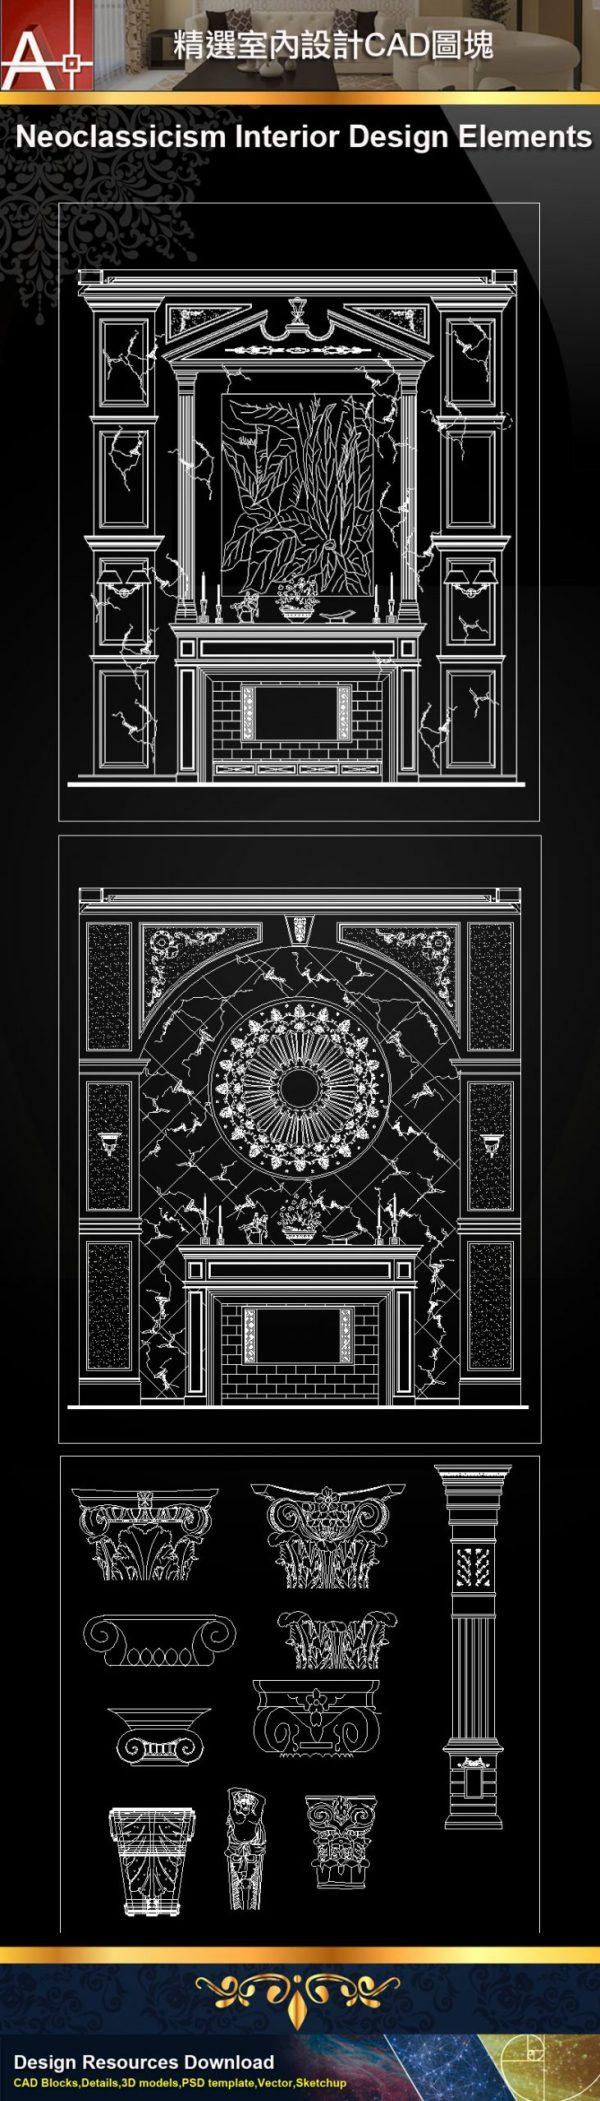 古典建築室內設計,新古典,巴洛克,文藝復興,洛可可,工裝,家裝,傢俱,平面,立面,中式,歐式,現代,施工圖塊,素材,歐式古典元素,飾板,平面圖範例